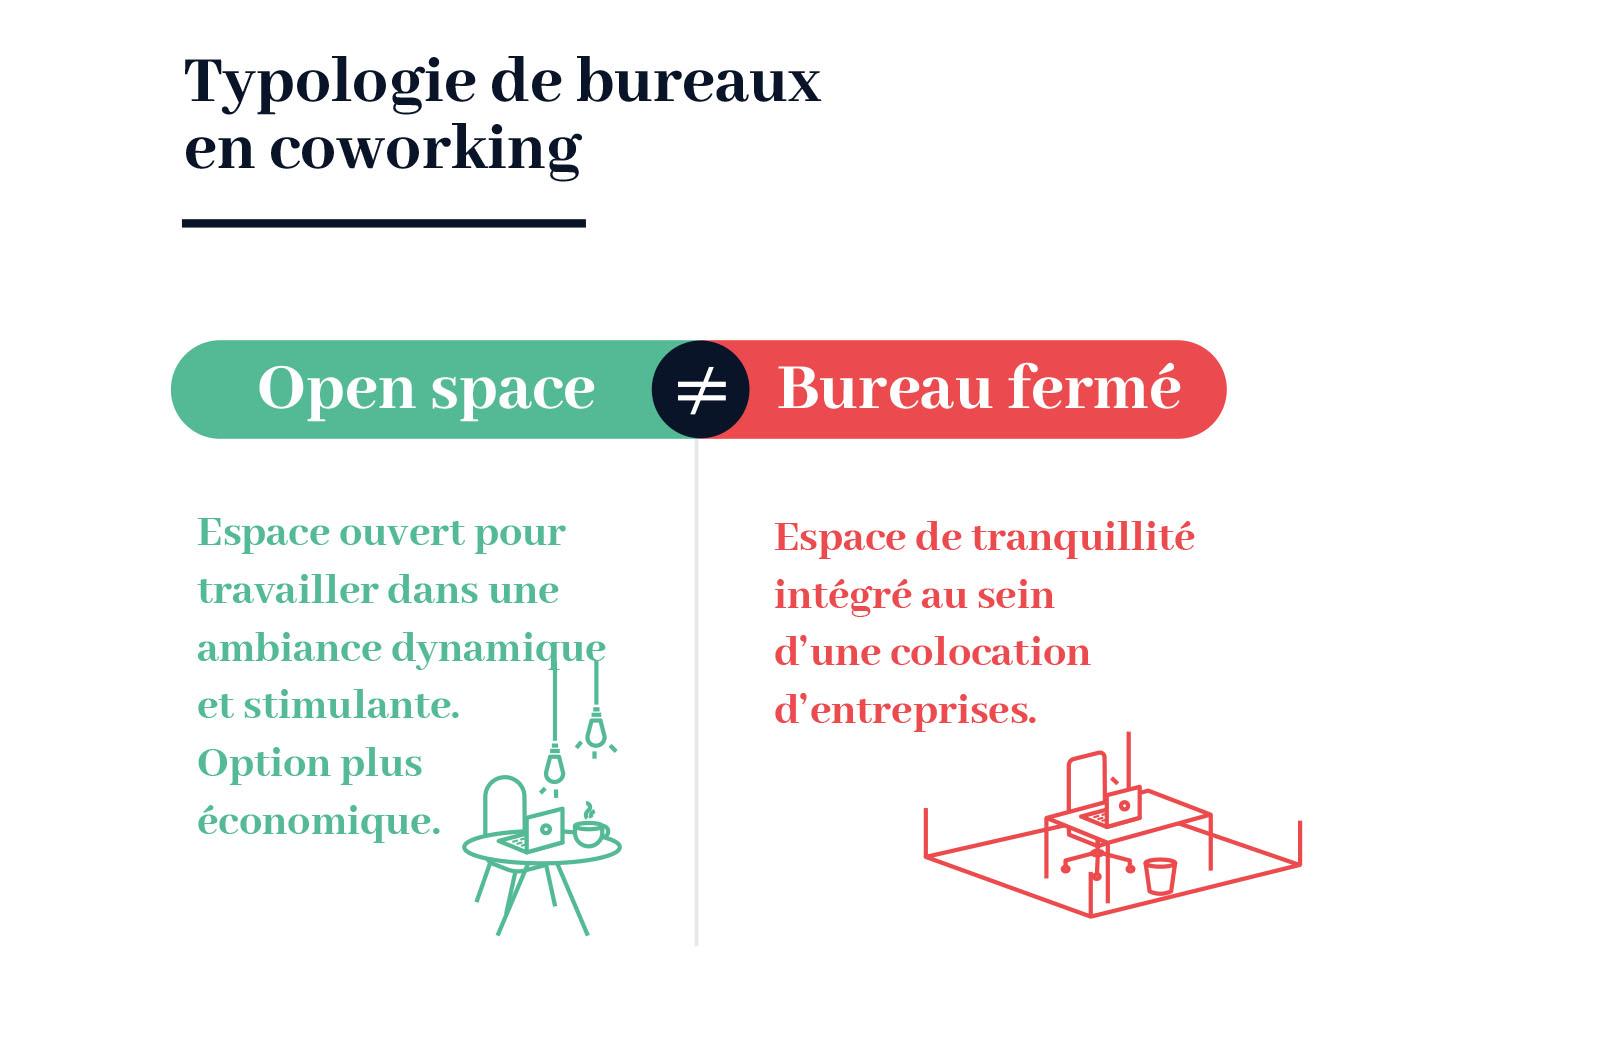 coworking - typologie de bureaux